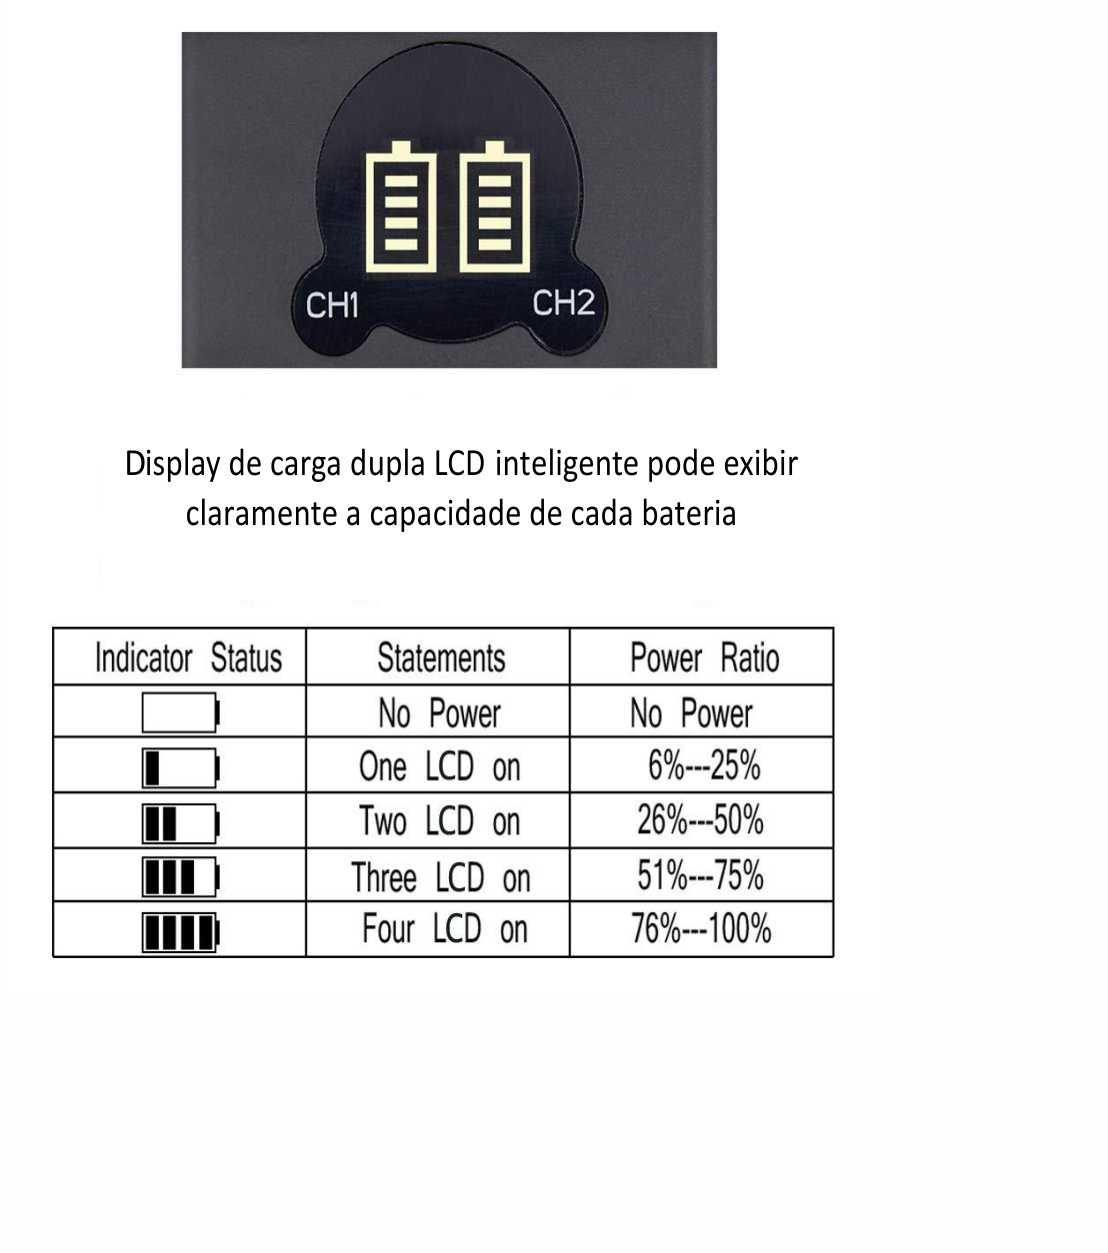 KIT BATTERY GRIP 1100DH + 2 BATERIAS LP-E10 + CARREGADOR Duplo PARA CANON EOS REBEL T5 T6 T7